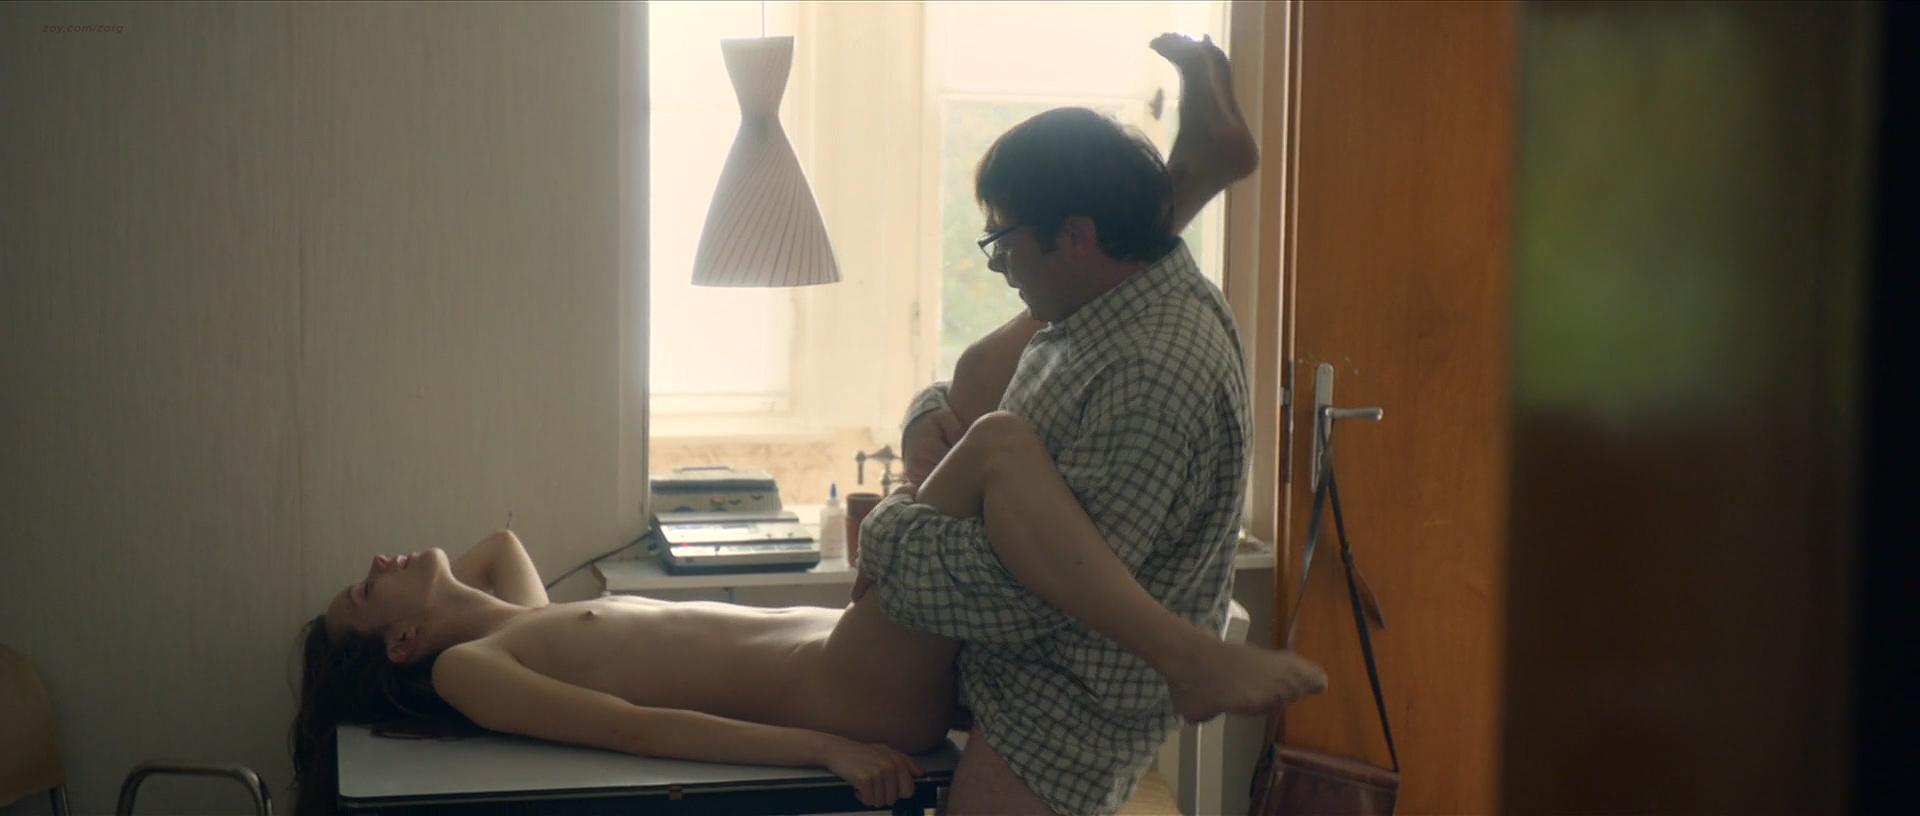 Stacy Martin nude explicit sex oral and vaginal - Nymphomaniac Vol I (2013) Directors Cut hd1080p (15)